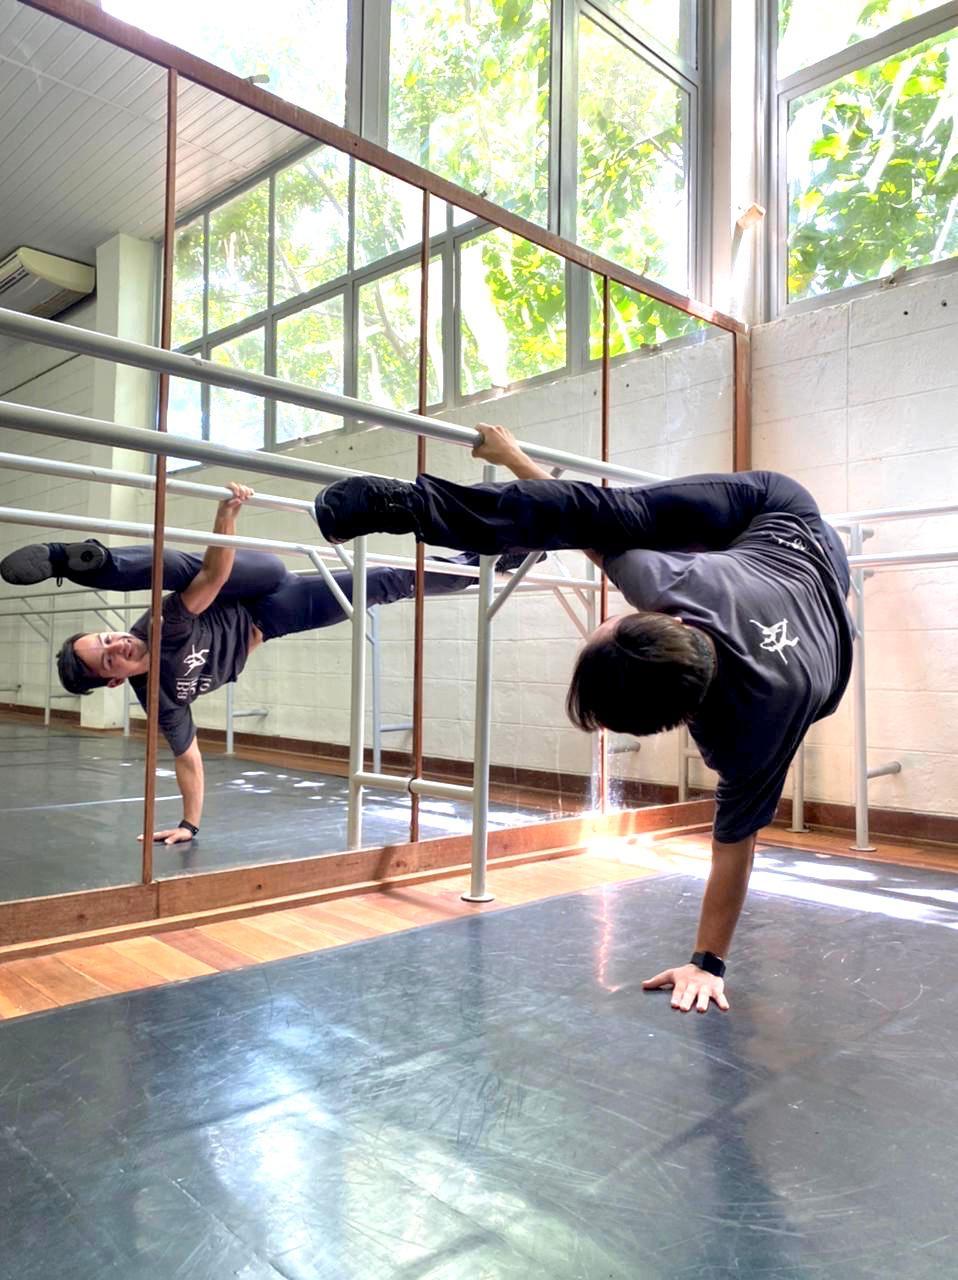 Sesi em Araxá oferece vagas para cursos de dança sem taxa de matrícula